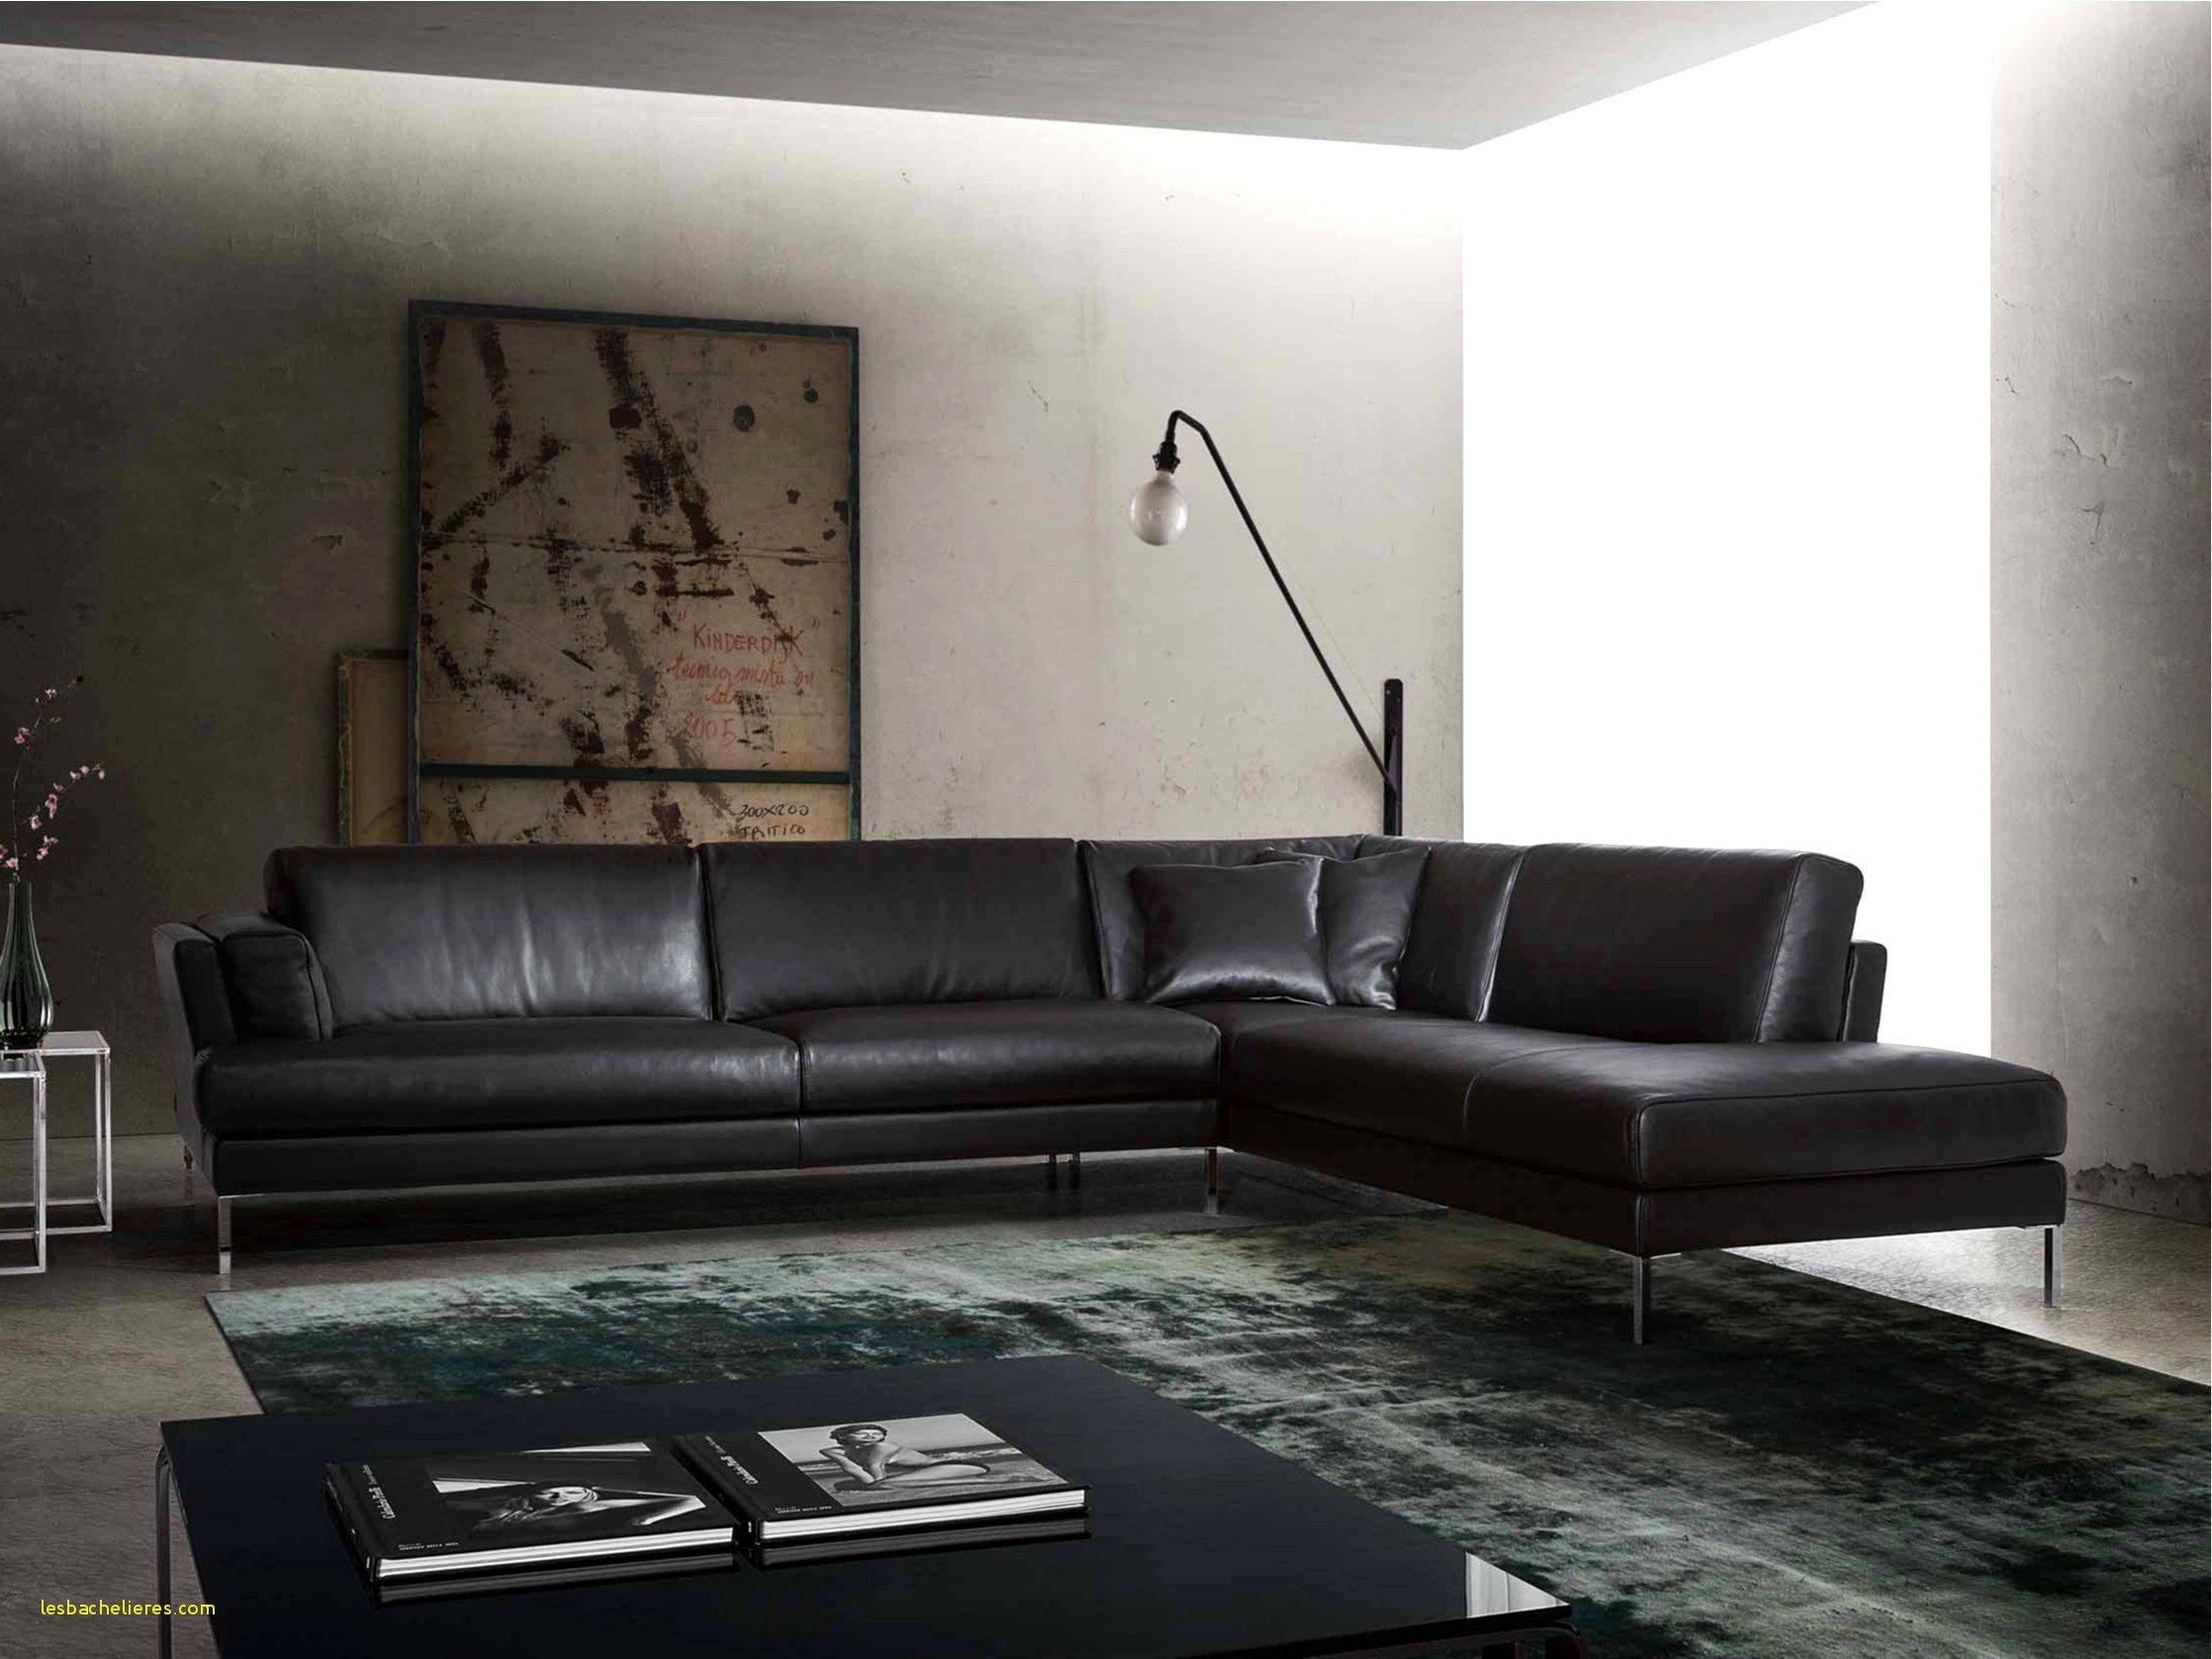 Lit Superposé Gigogne Frais 35 Impressionnant Canapé Lit Gigogne Ikea Idées